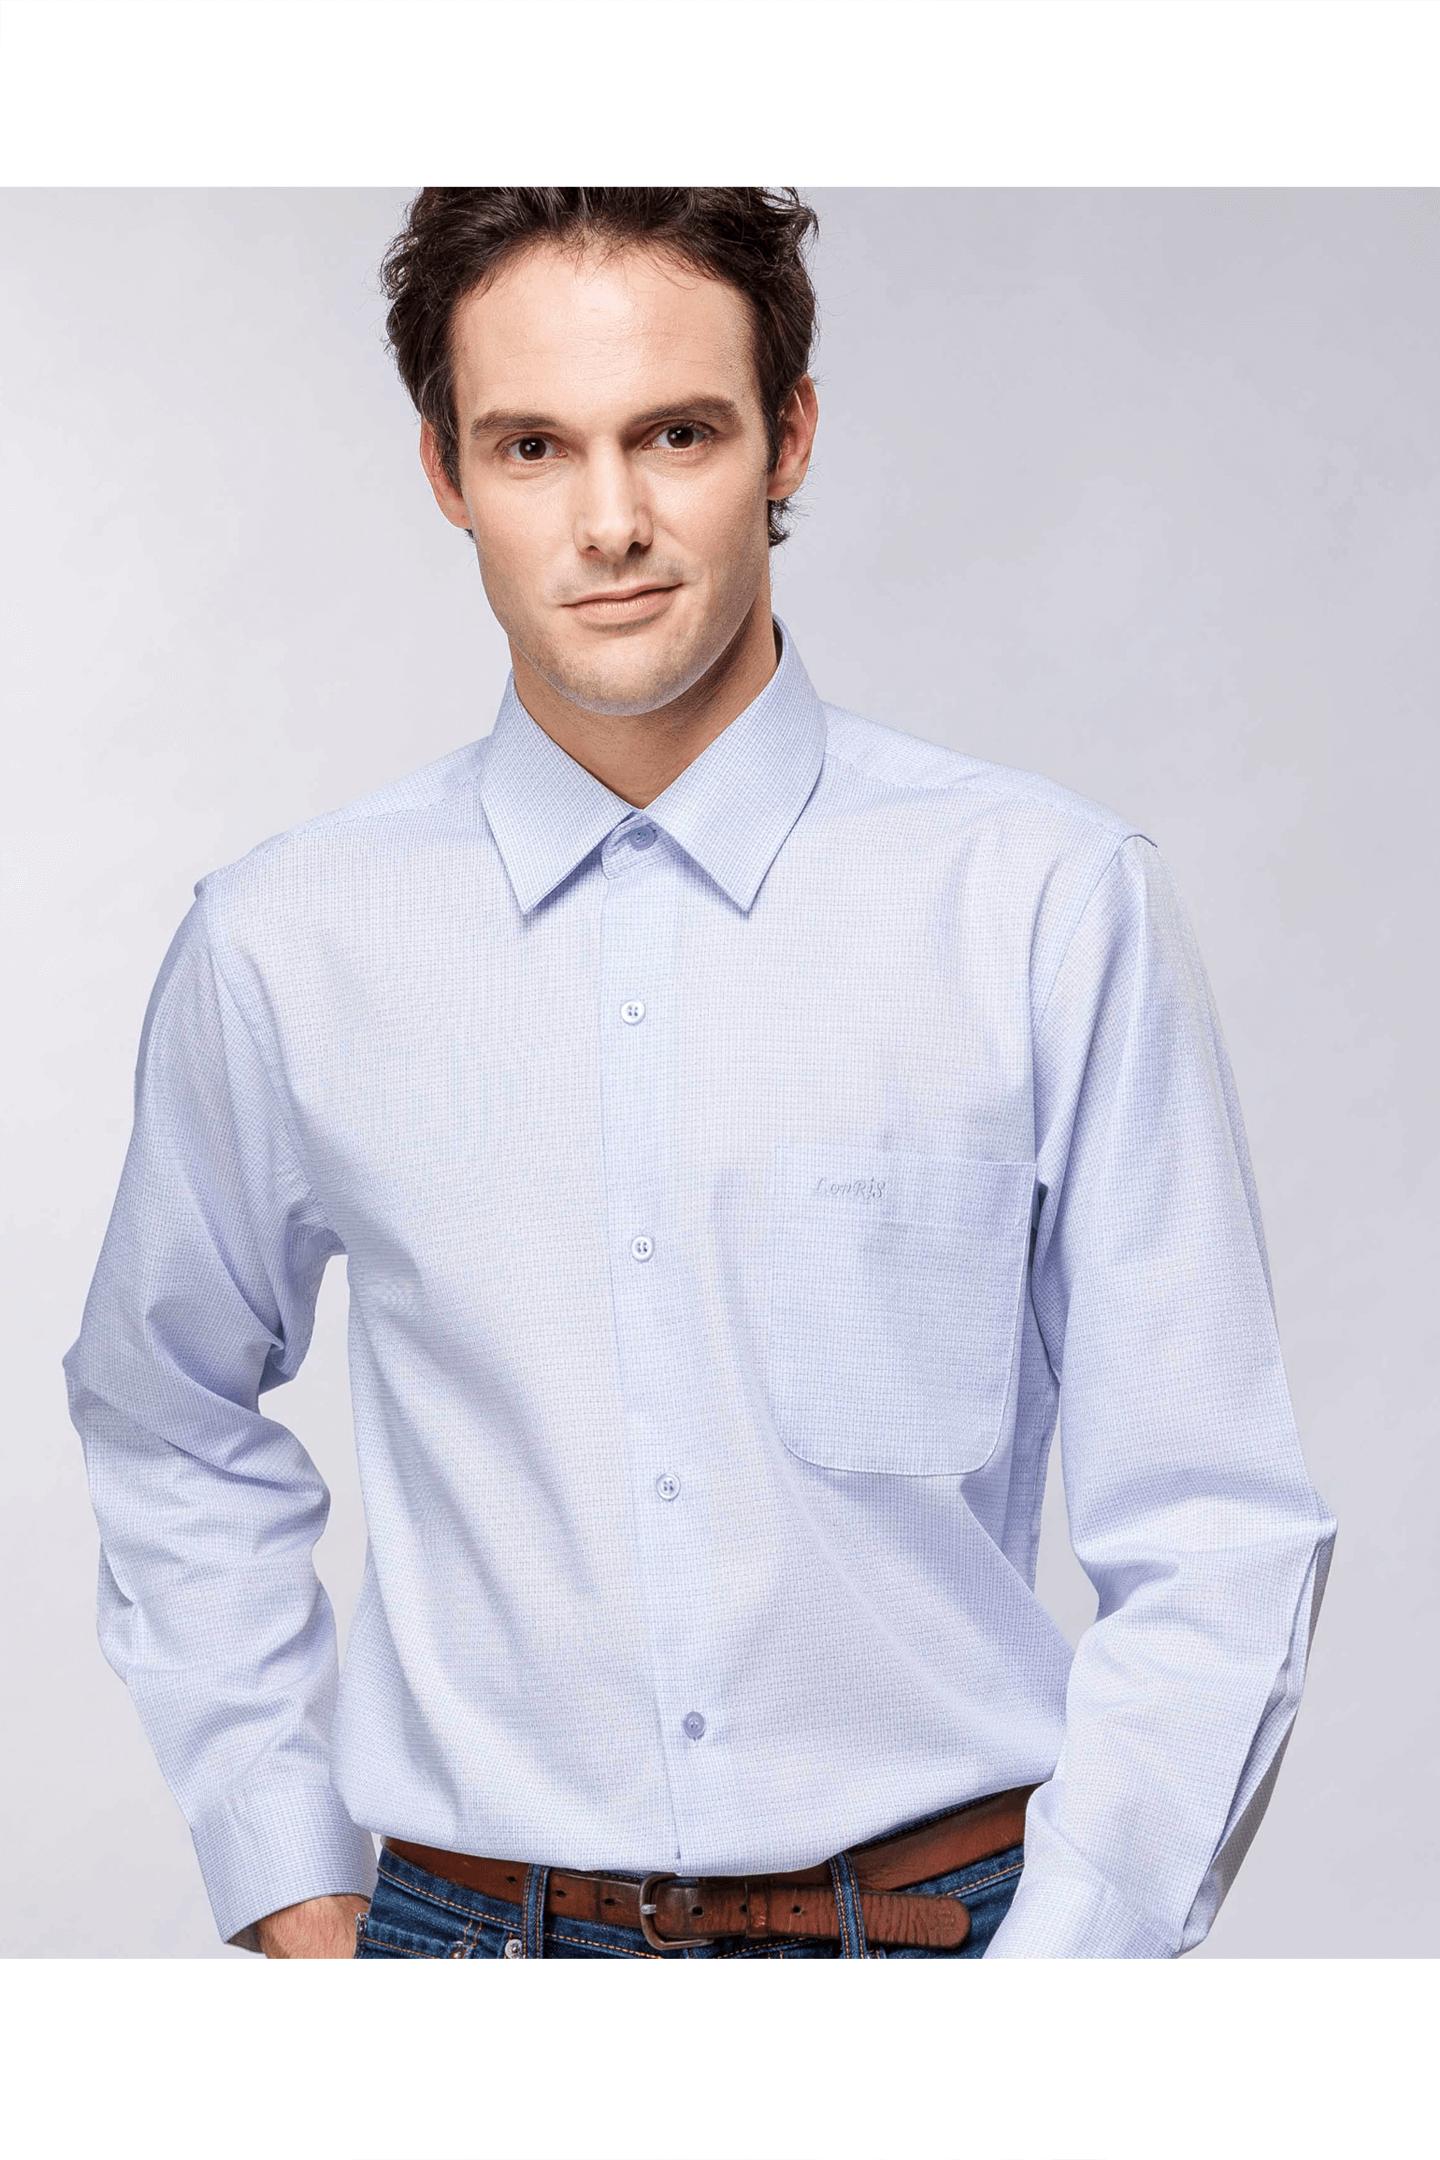 白底細格棉質長袖襯衫/抗皺 吸濕排汗